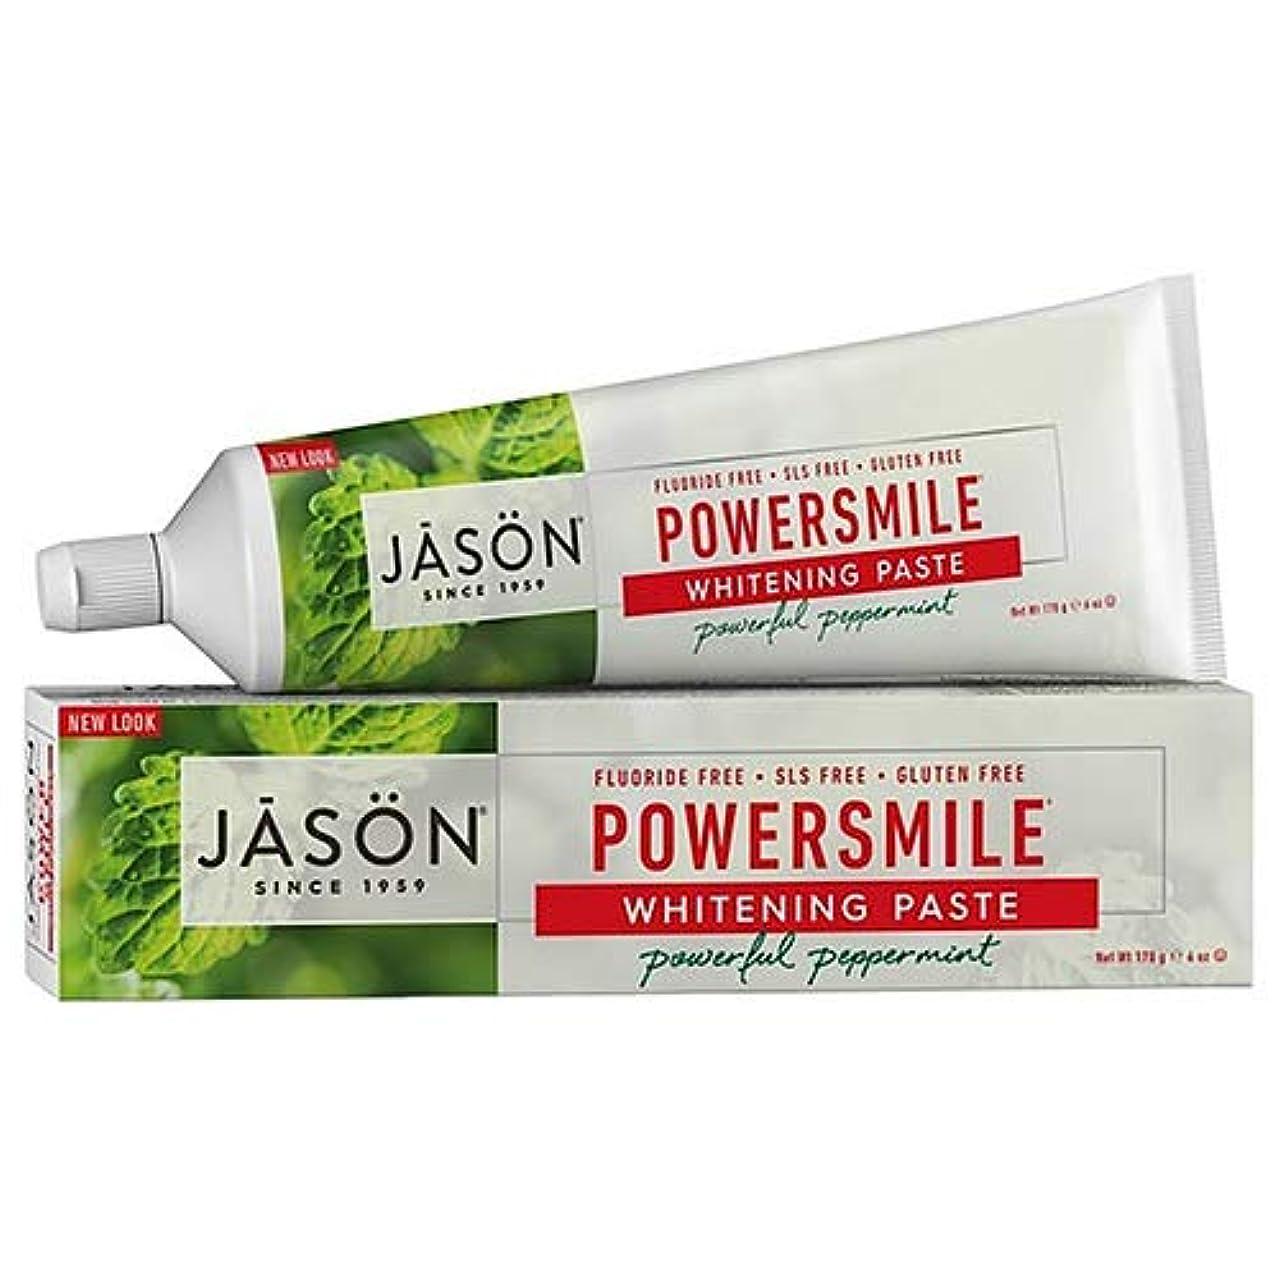 憤る通知する実験的Jason Natural, PowerSmile, Antiplaque & Whitening Paste, Powerful Peppermint, 6 oz (170 g)